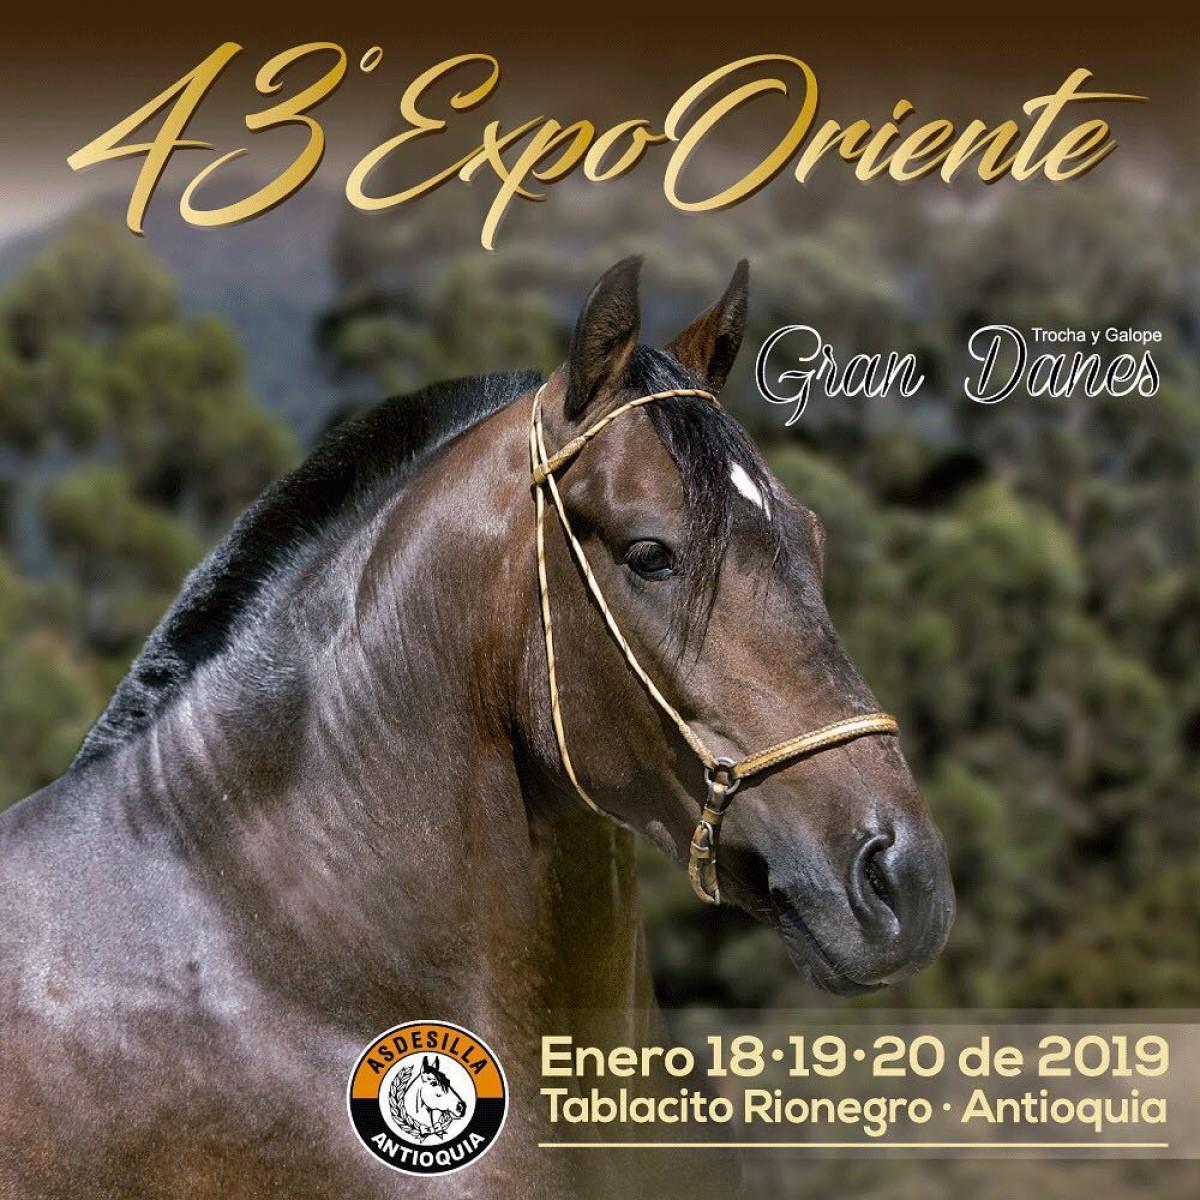 RESULTADOS 43a ExpoOriente Grado A, Asdesilla, 2019 - TROCHA Y GALOPE